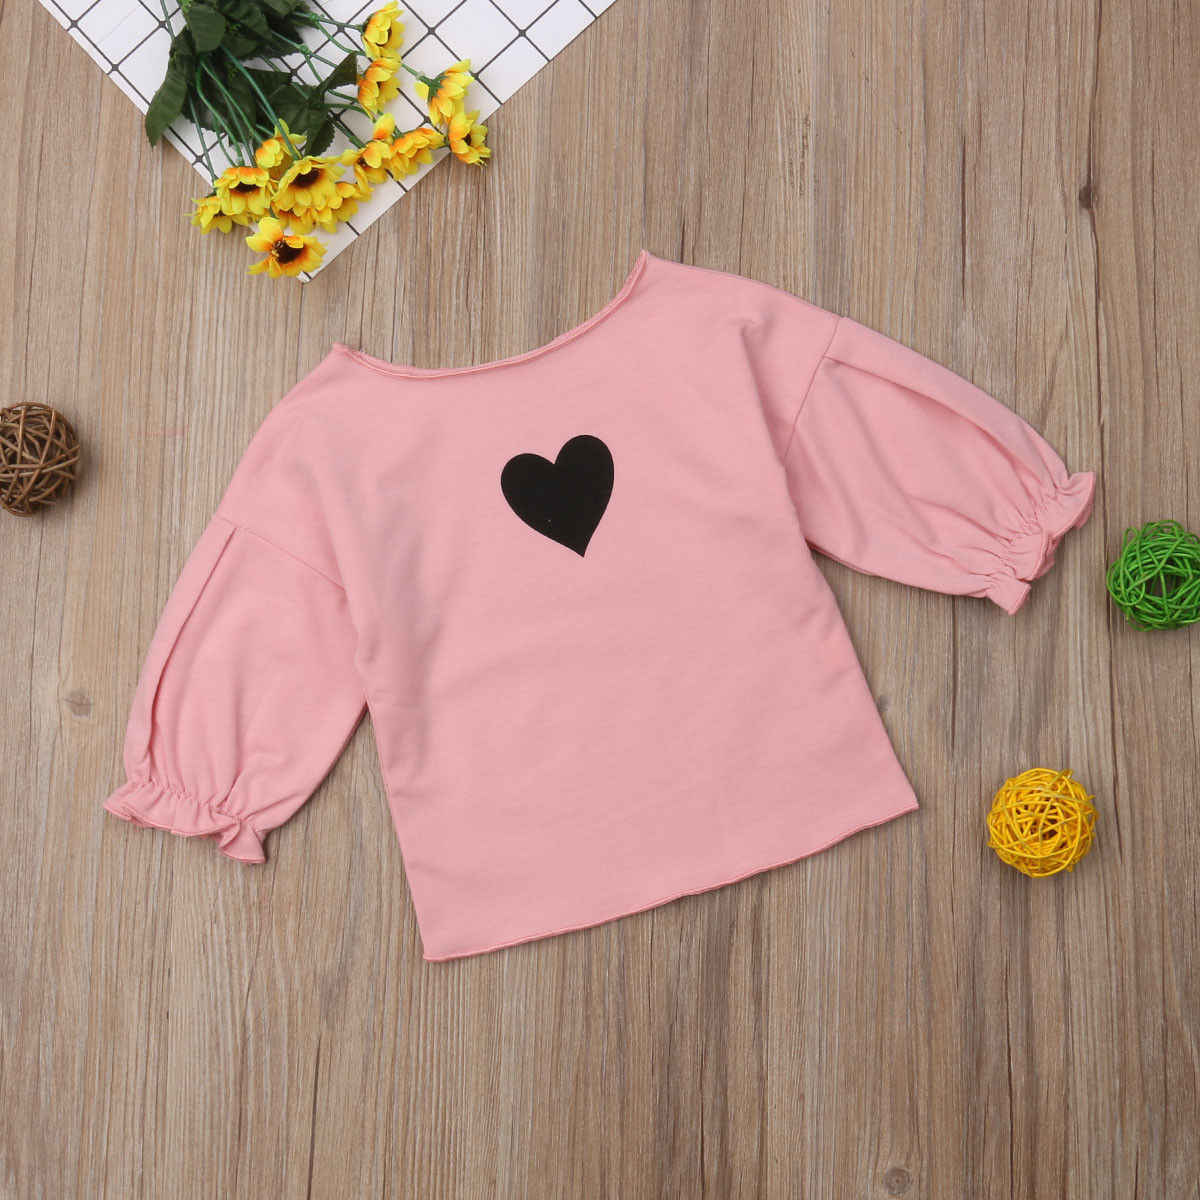 Crianças da criança do bebê menina manga longa puff mangas camisa topos outono meninas blusas roupas 1-6 t